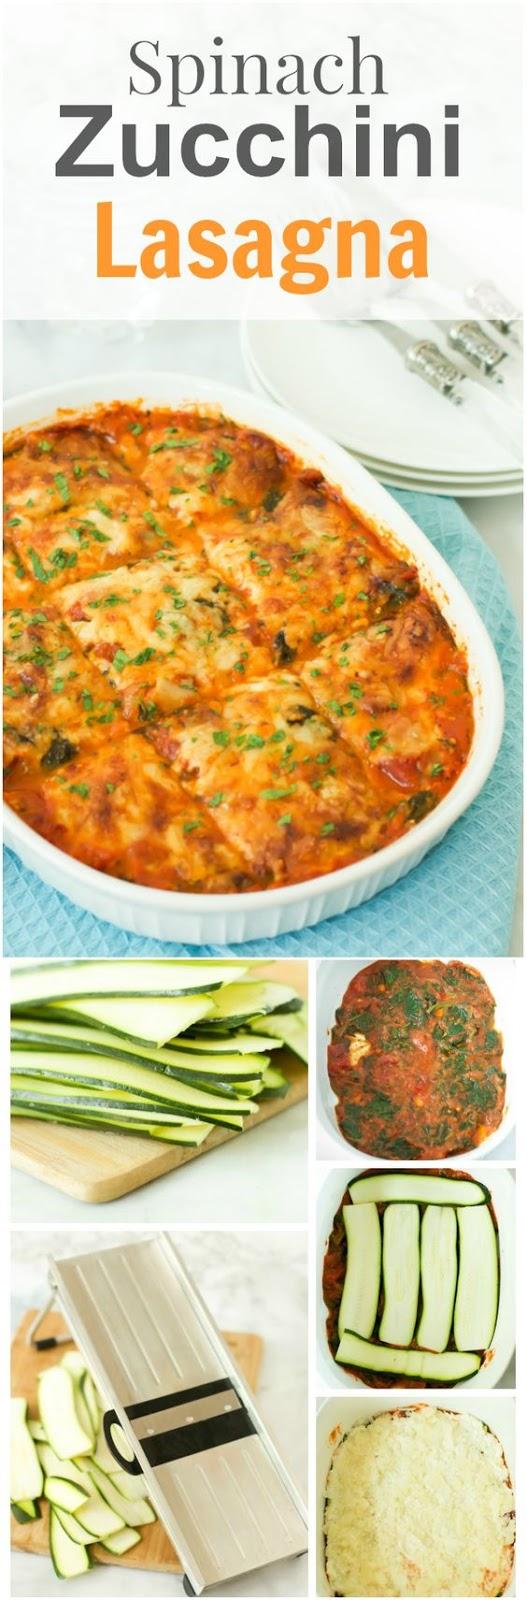 Spinach and Zucchini Lasagna Recipe